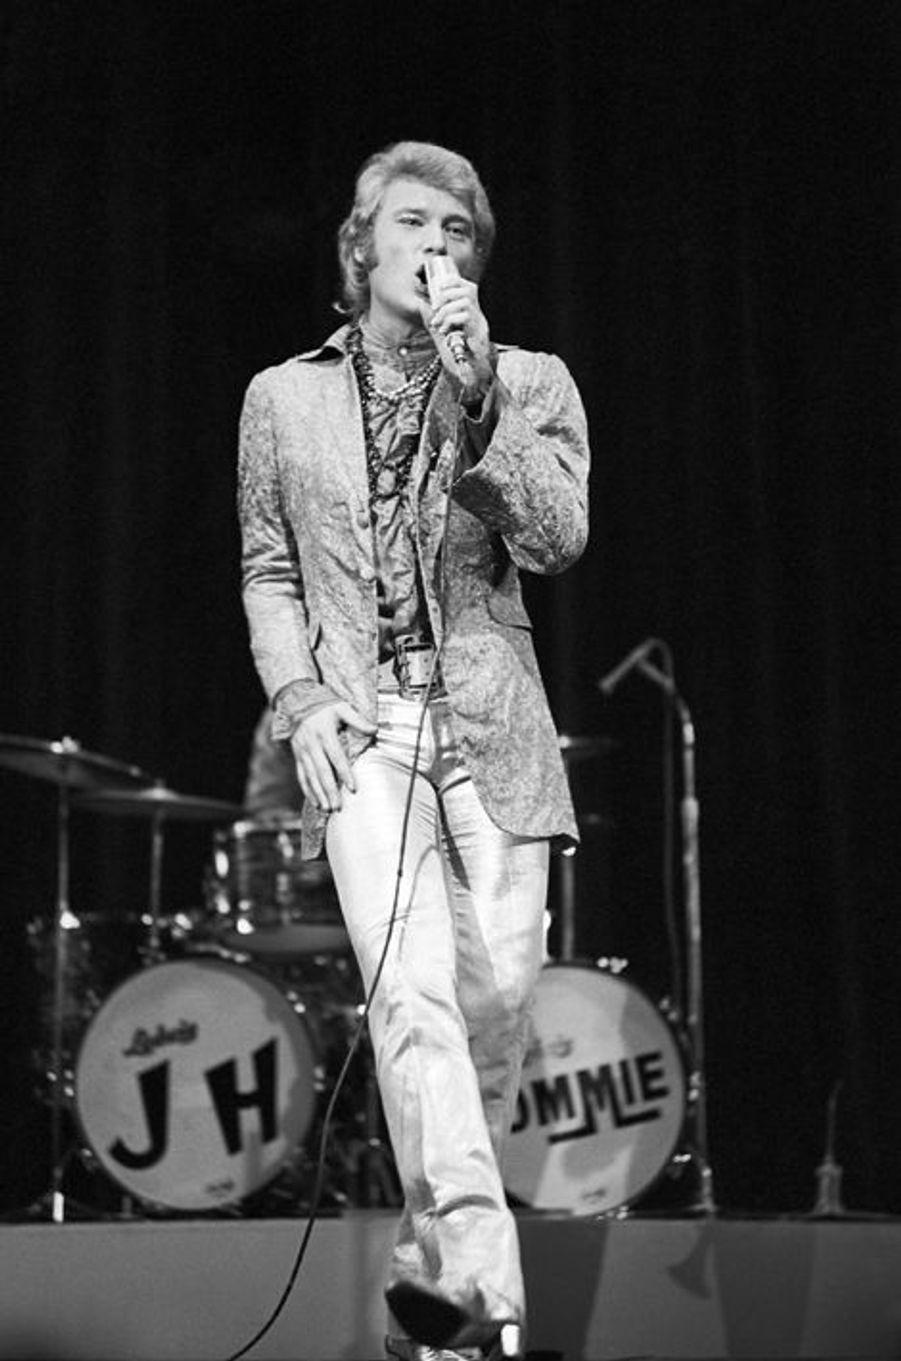 Johnny Hallyday lors d'un gala au Théâtre Chaillot, à Paris, 15 décembre 1967